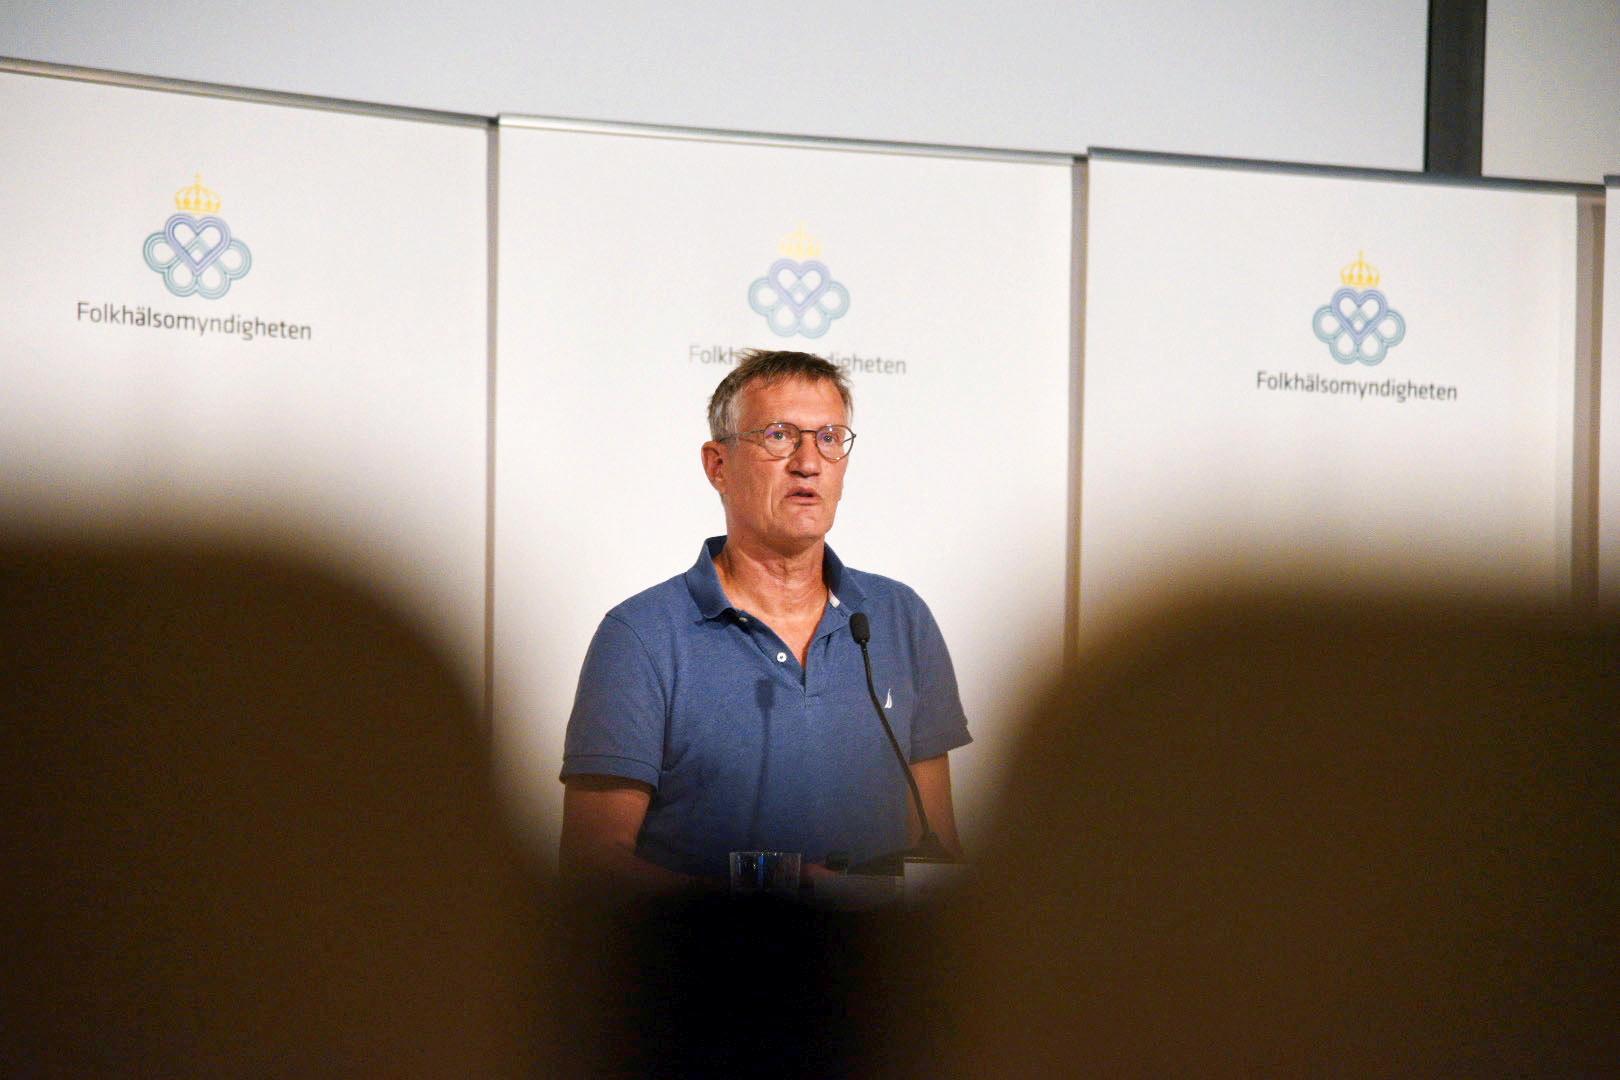 Statsepidemiolog Anders Tegnell kommer åter att få svara på frågor från journalister på plats i Folkhälsomyndighetens lokaler. Arkivbild.